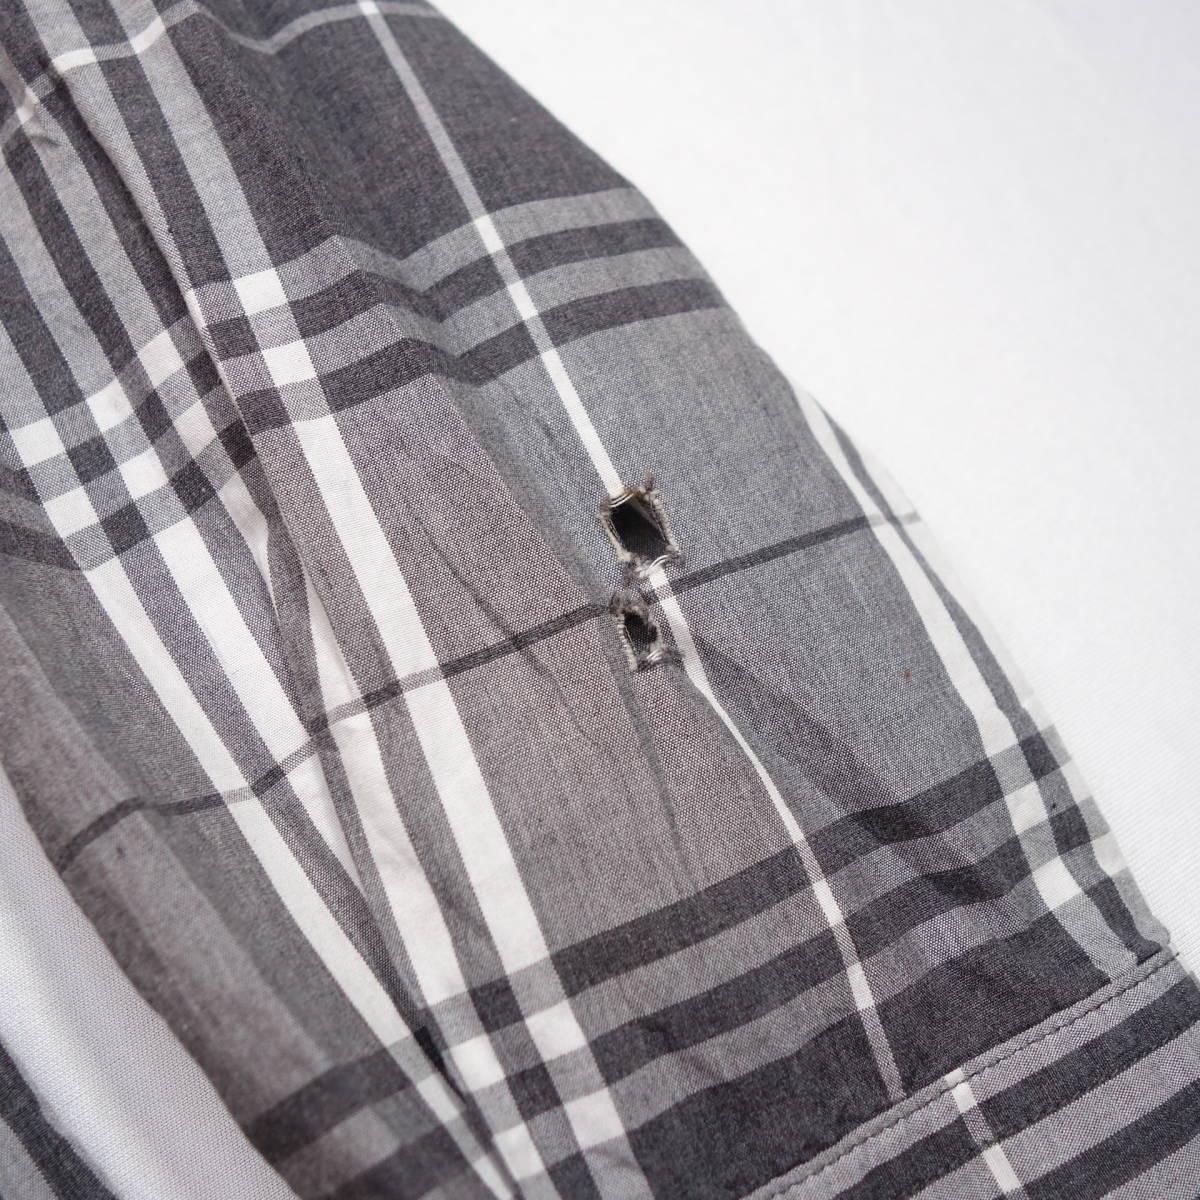 トミーヒルフィガー TOMMY チェックシャツ 長袖 メンズ M ボタンダウン カジュアル アメリカ USA直輸入 古着 MTH-3-2-0043_画像8